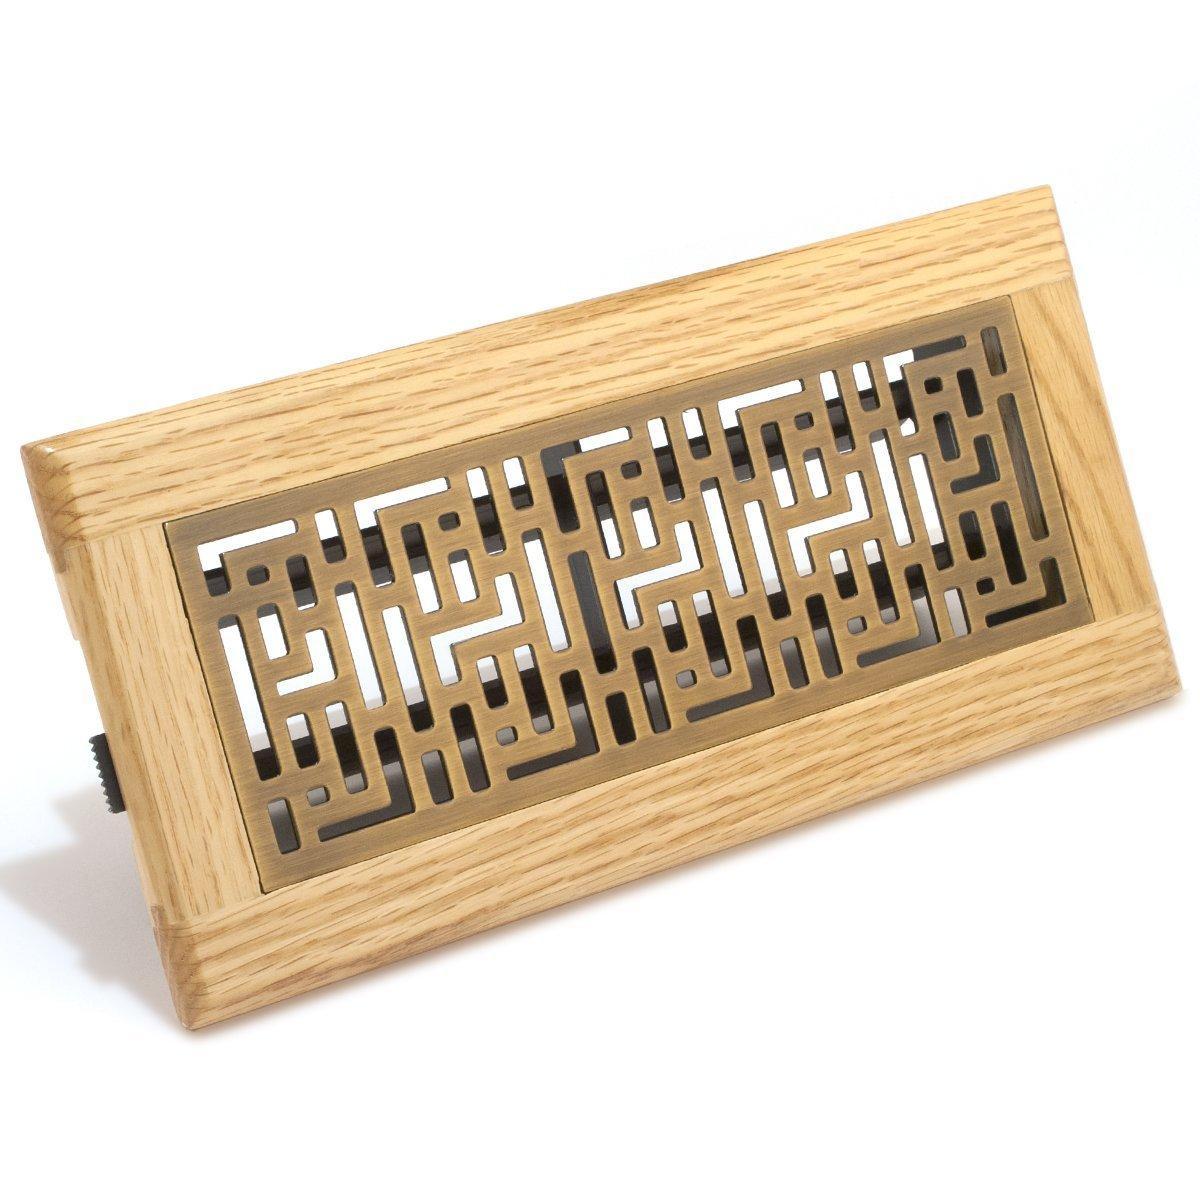 Accord gfoab410 oak frame floor register with forte design for Wood floor register 8 x 10